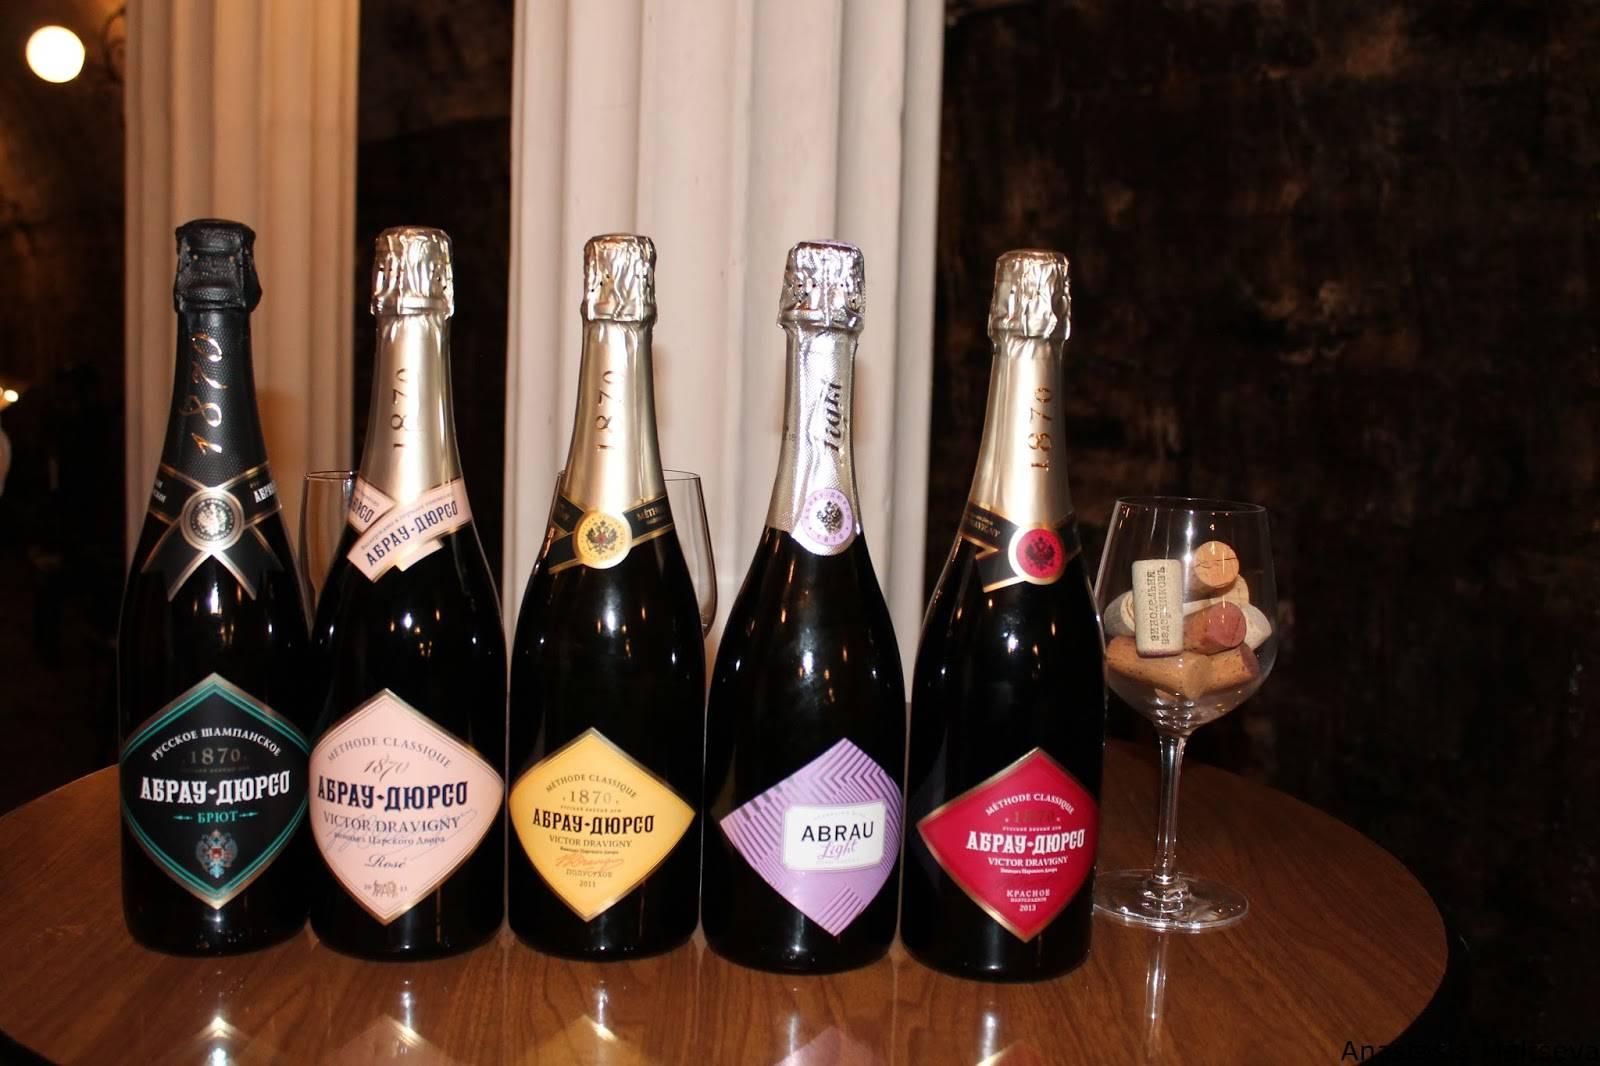 Игристое вино abrau-durso (абрау-дюрсо) — напиток царей и простых трудящихся